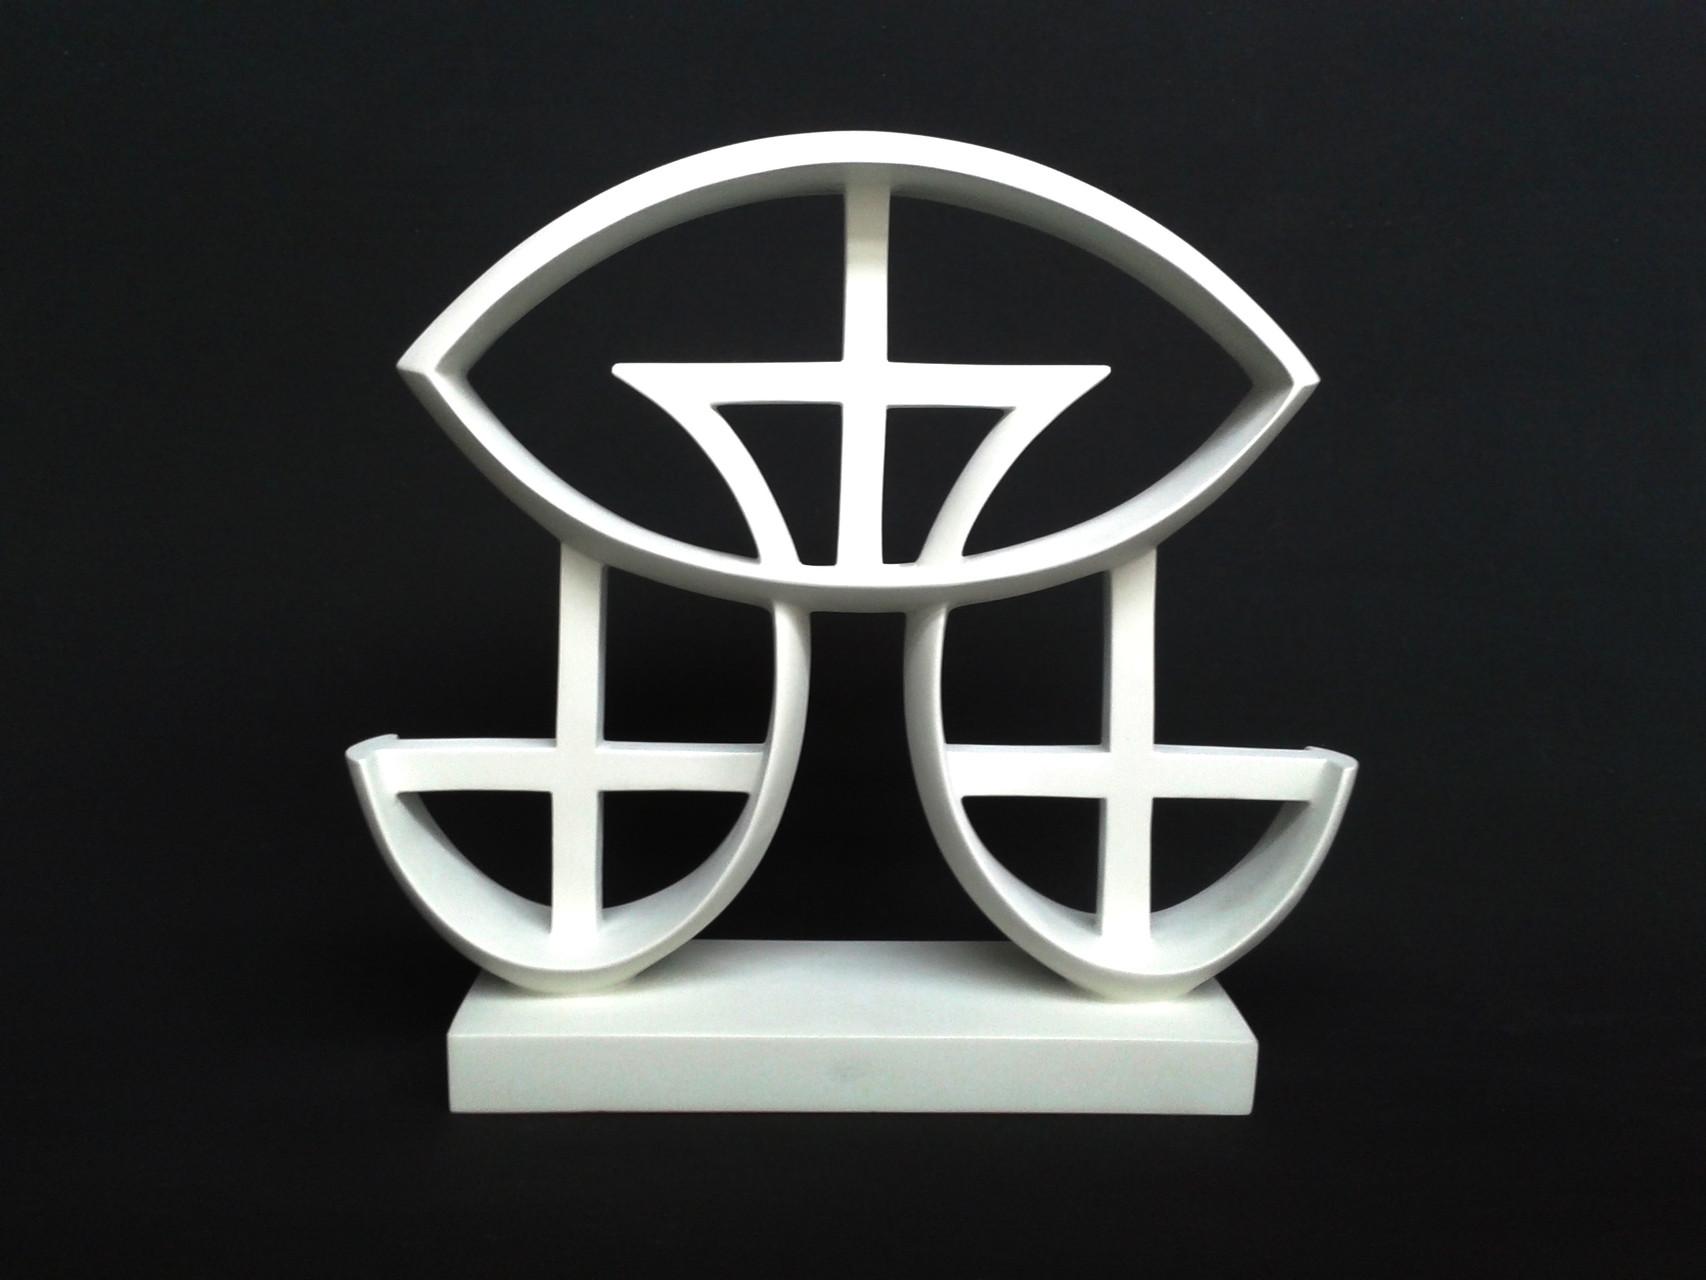 A+G 9. 2012. 36 X 32,5 X 9 cm. Aluminio - Pintura electrostática.